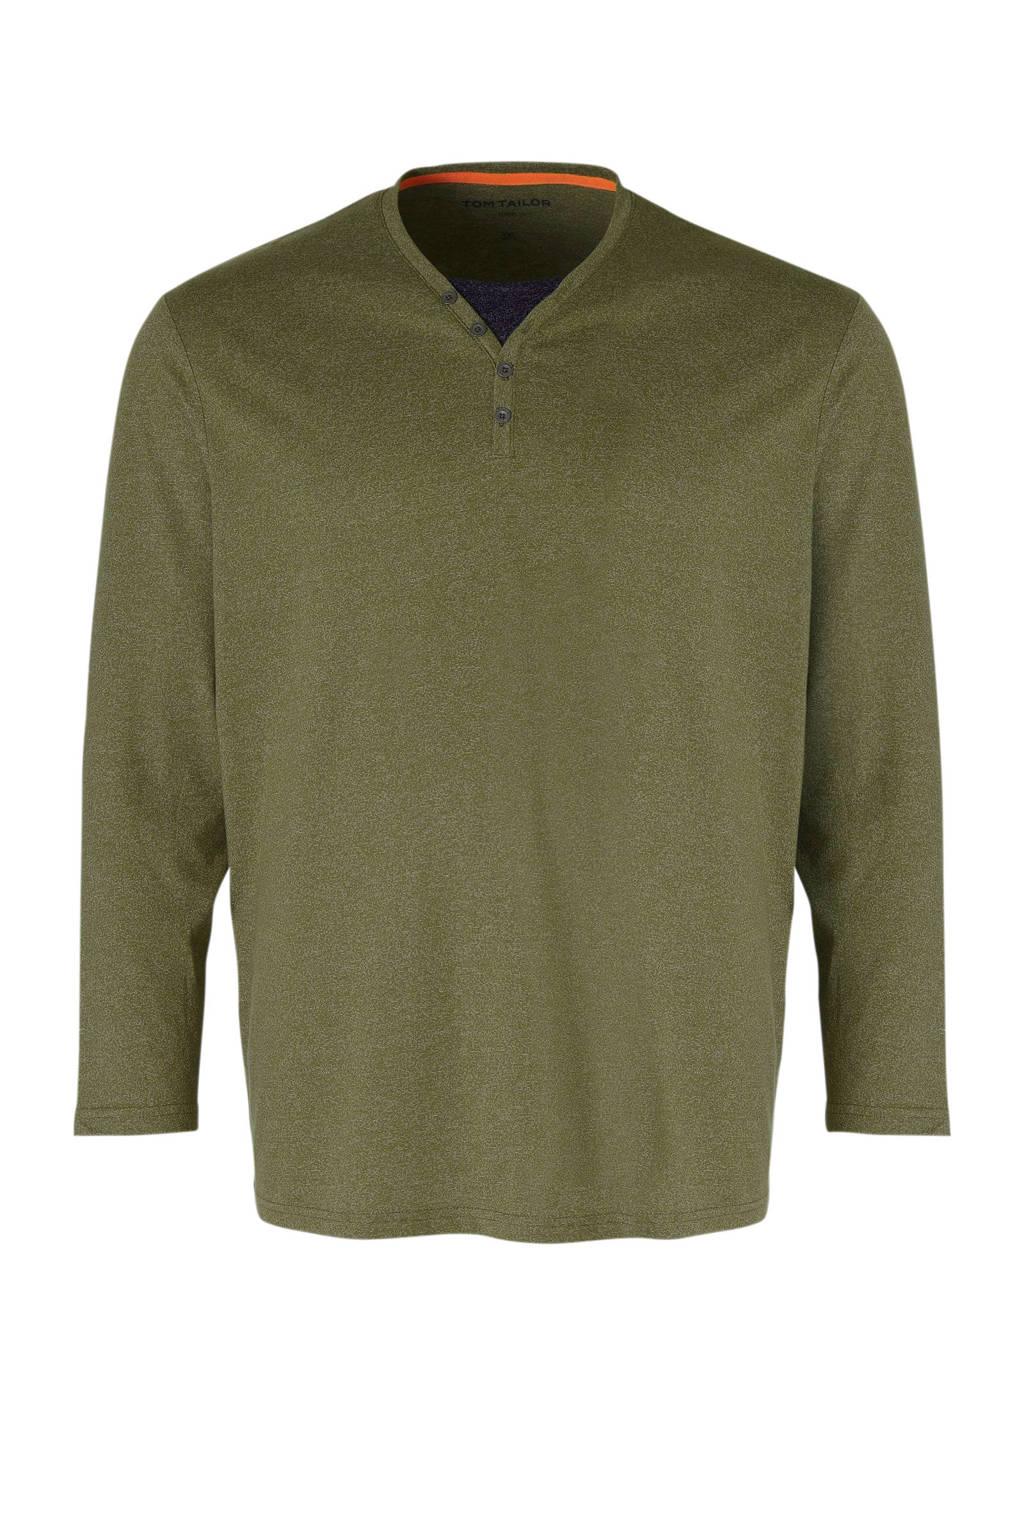 Tom Tailor Big & Tall gemêleerd T-shirt groen/grijs, Groen/grijs